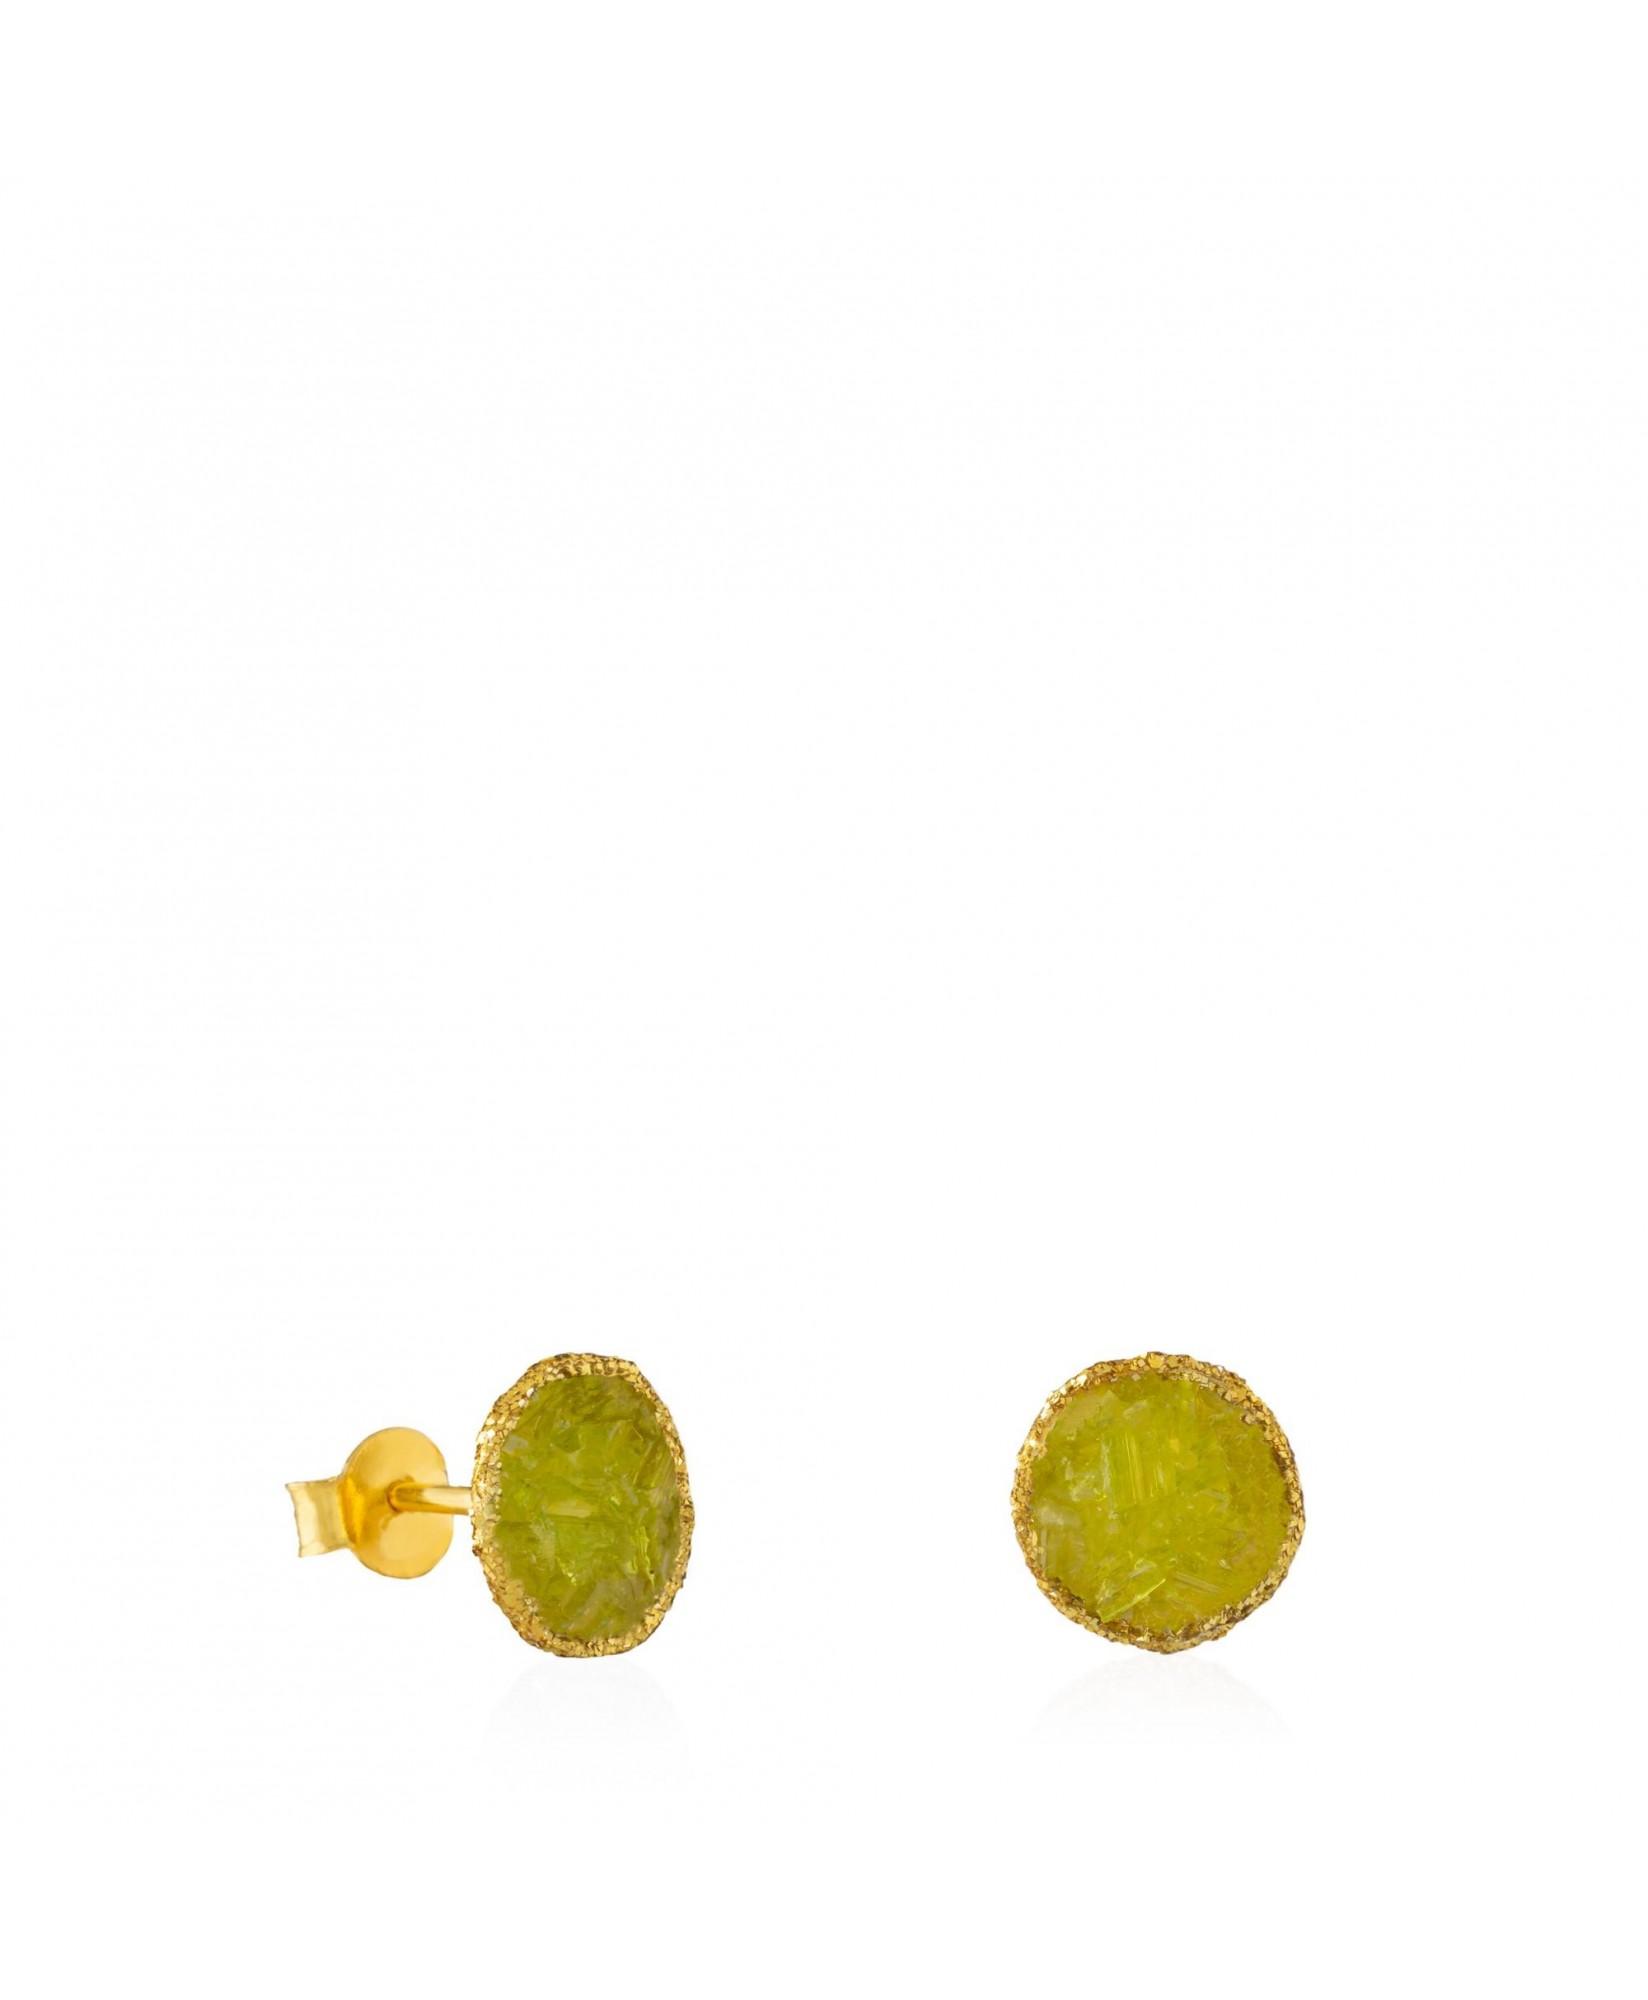 Pendientes dormilonas oro medianos Olivine con piedra verde olivina Pendientes dormilonas oro medianos Olivine con piedra verde olivina